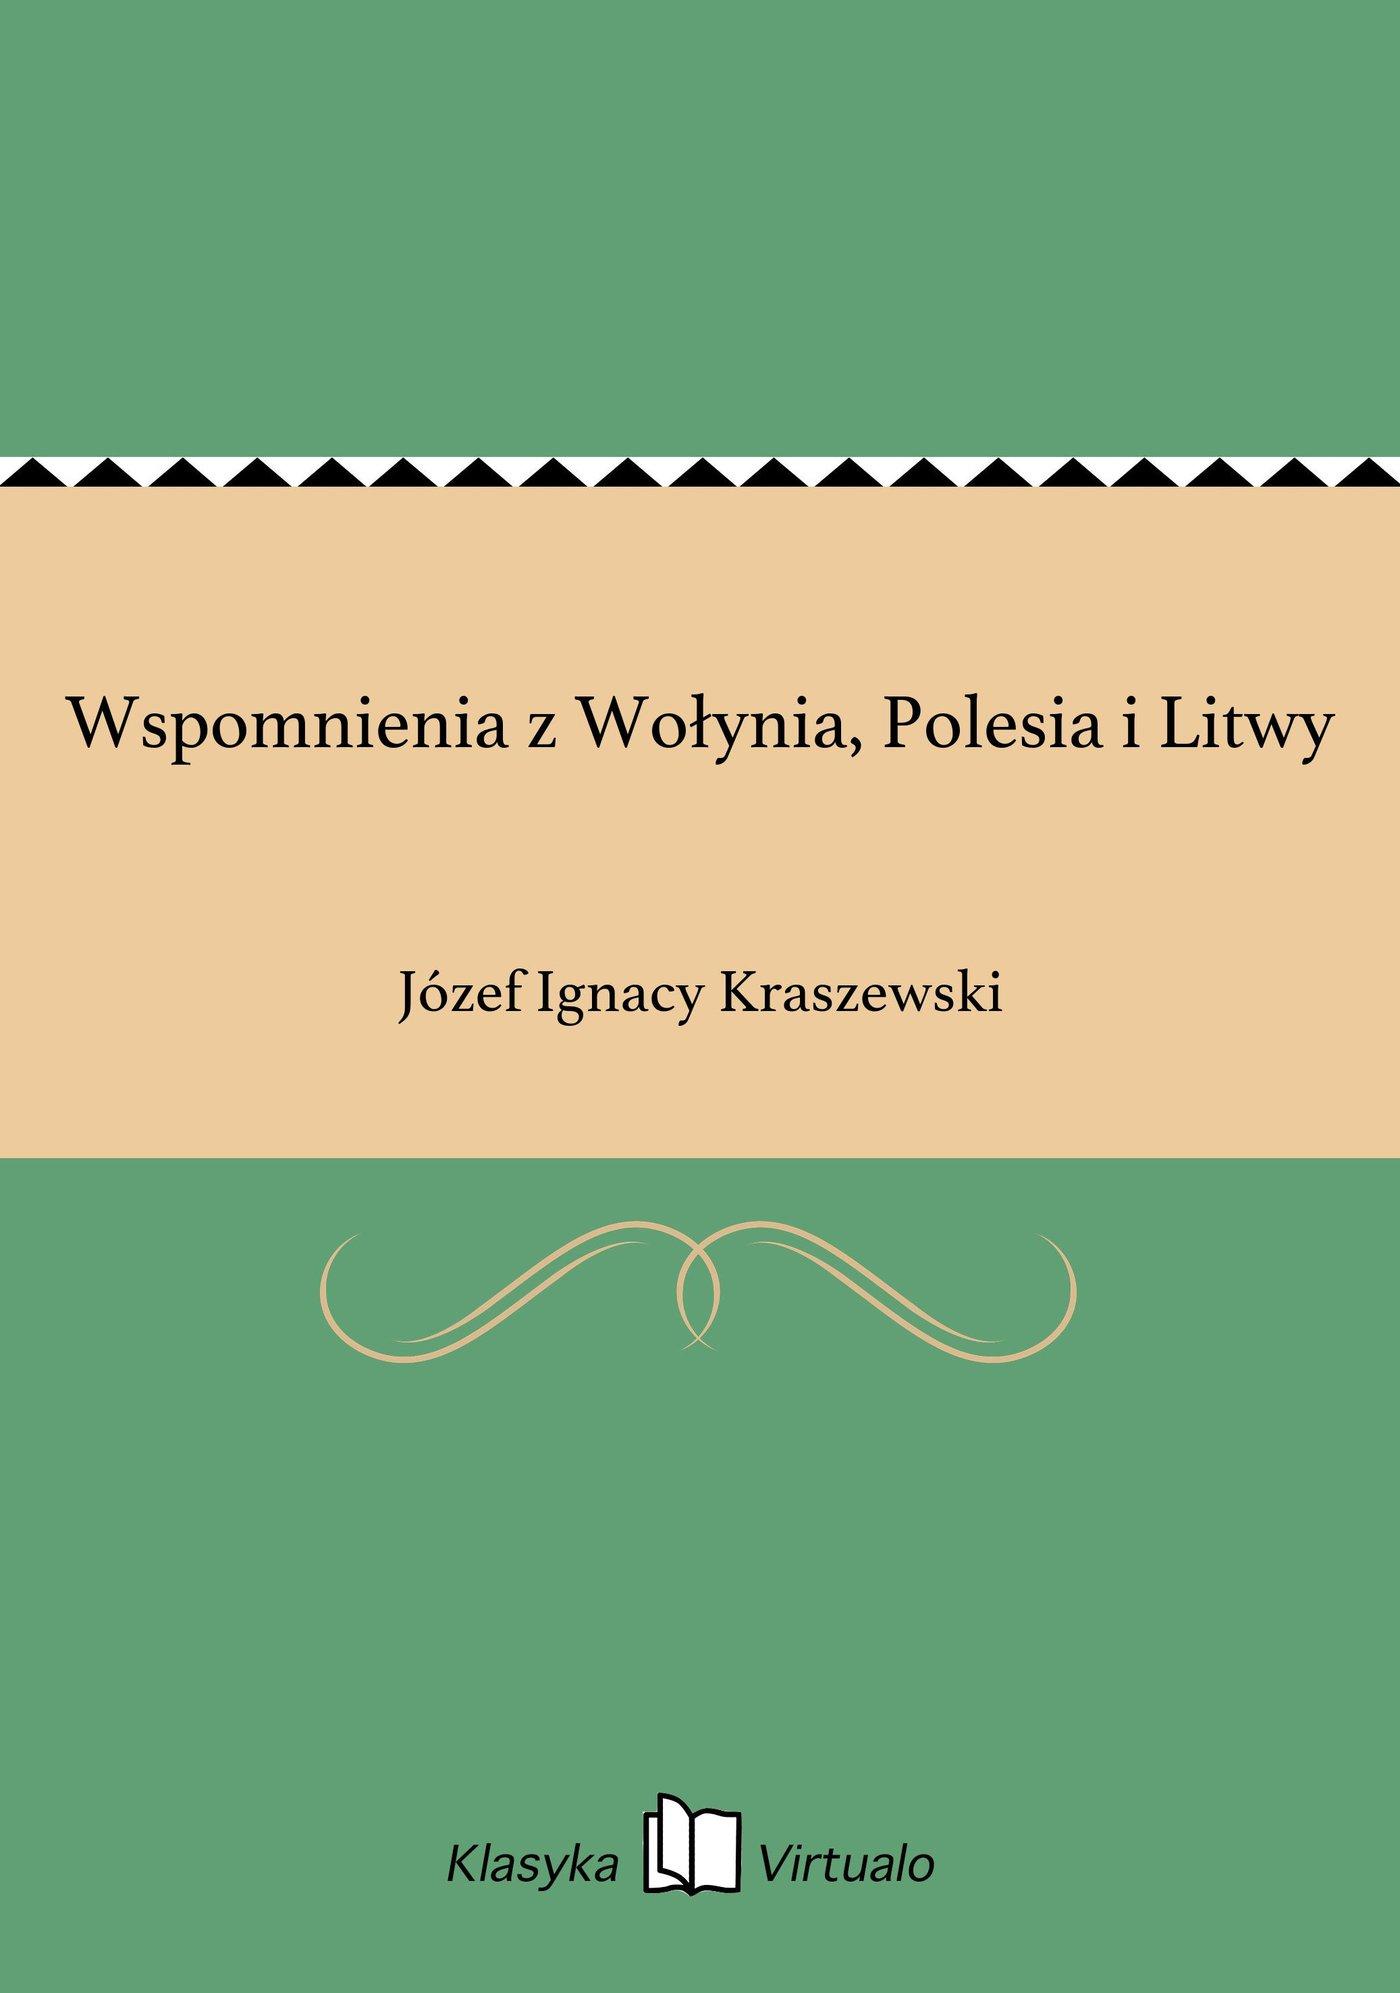 Wspomnienia z Wołynia, Polesia i Litwy - Ebook (Książka EPUB) do pobrania w formacie EPUB